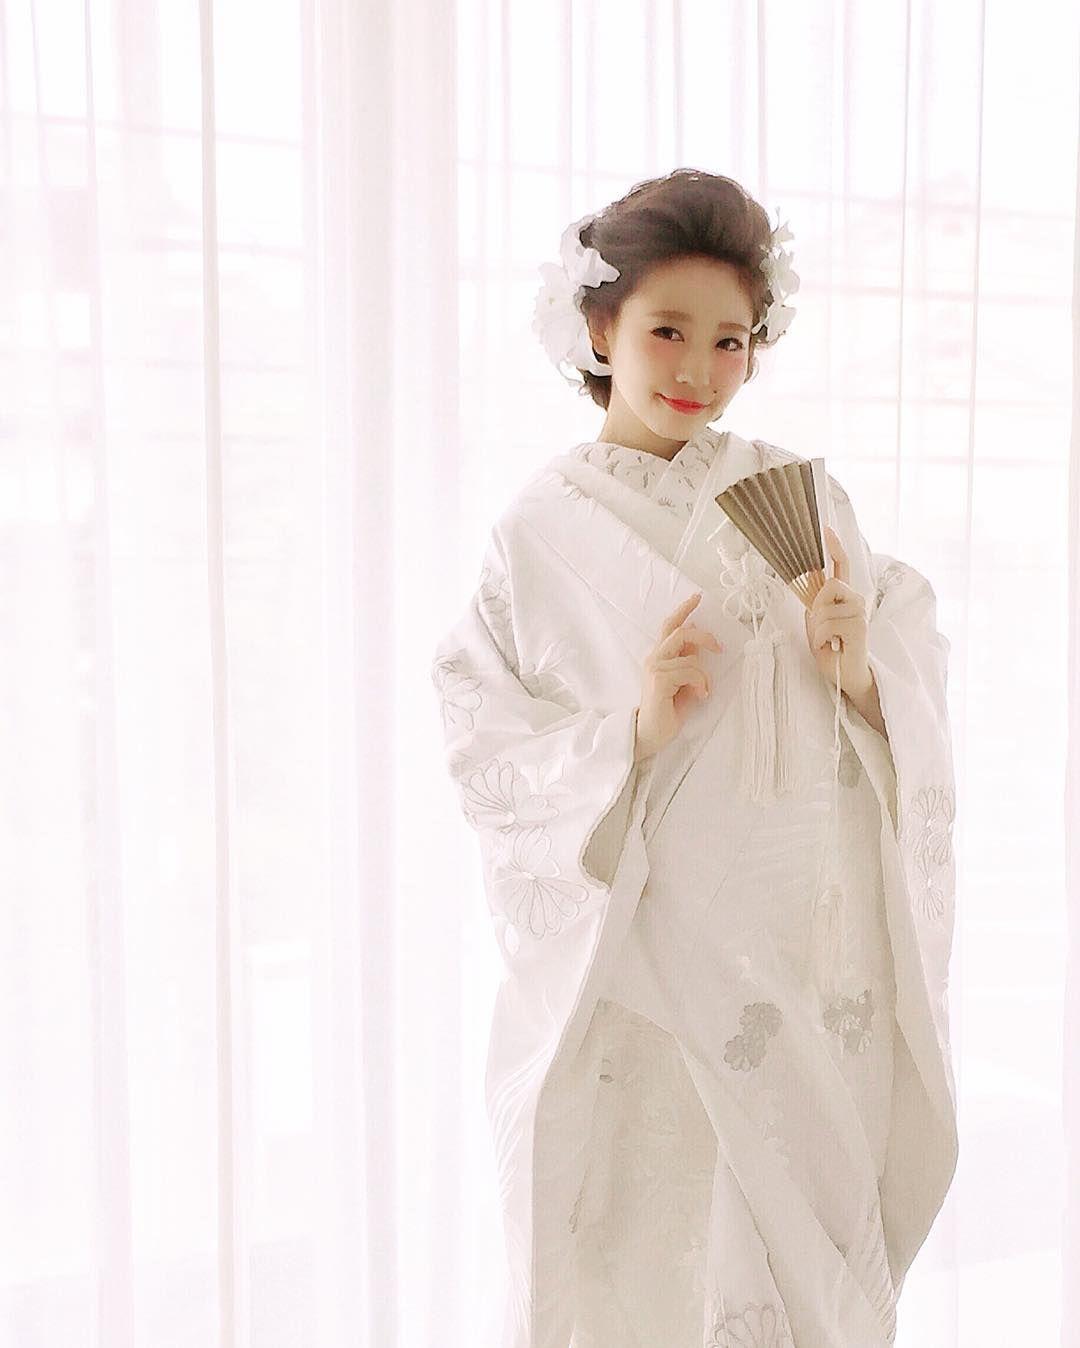 白無垢に似合う洋髪アレンジまとめ Marry マリー 白無垢 髪型 色